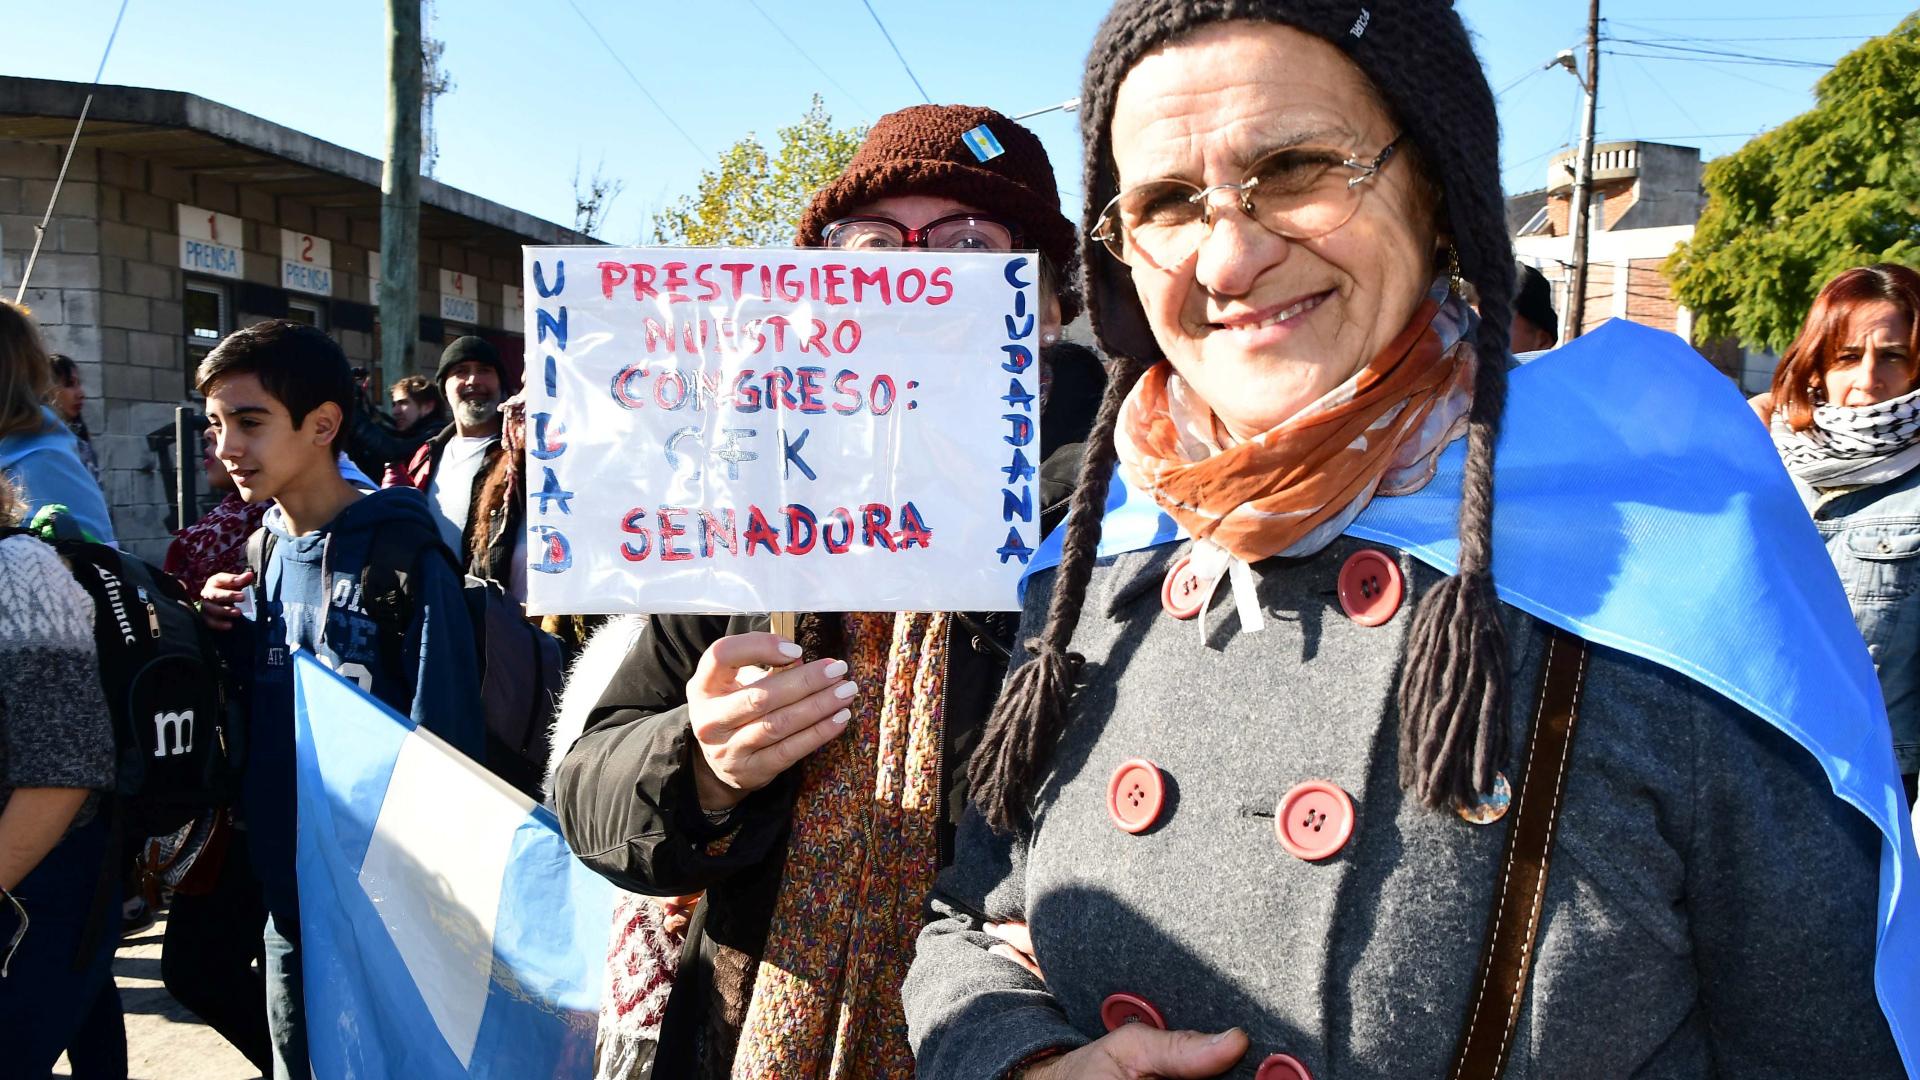 Fotos del acto de Cristina Kirchner en Arsenal